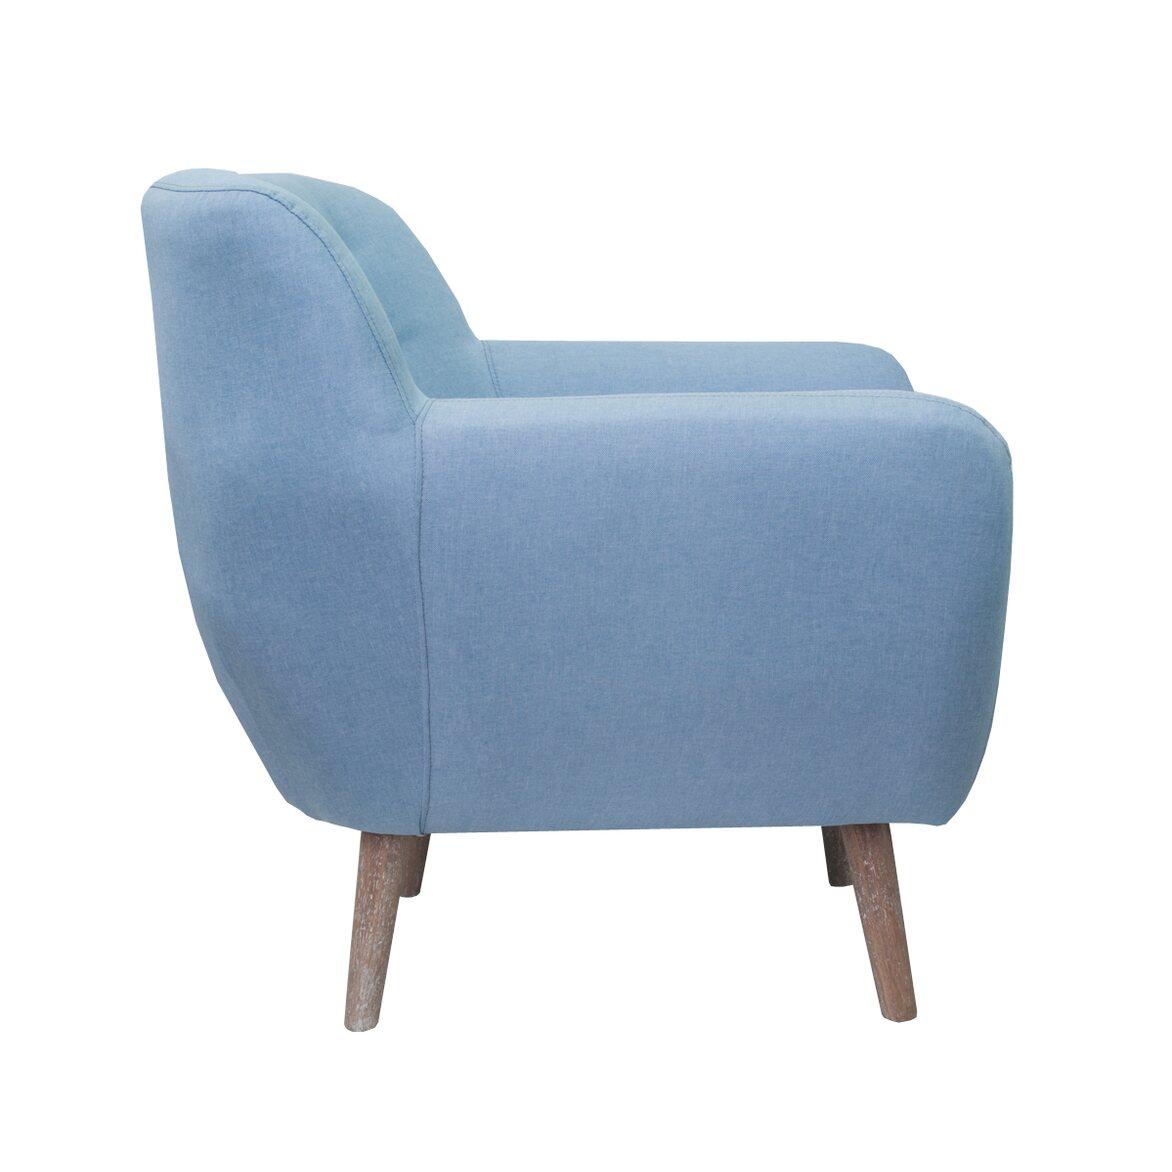 Низкое кресло Fuller blue 2 | Маленькие кресла Kingsby